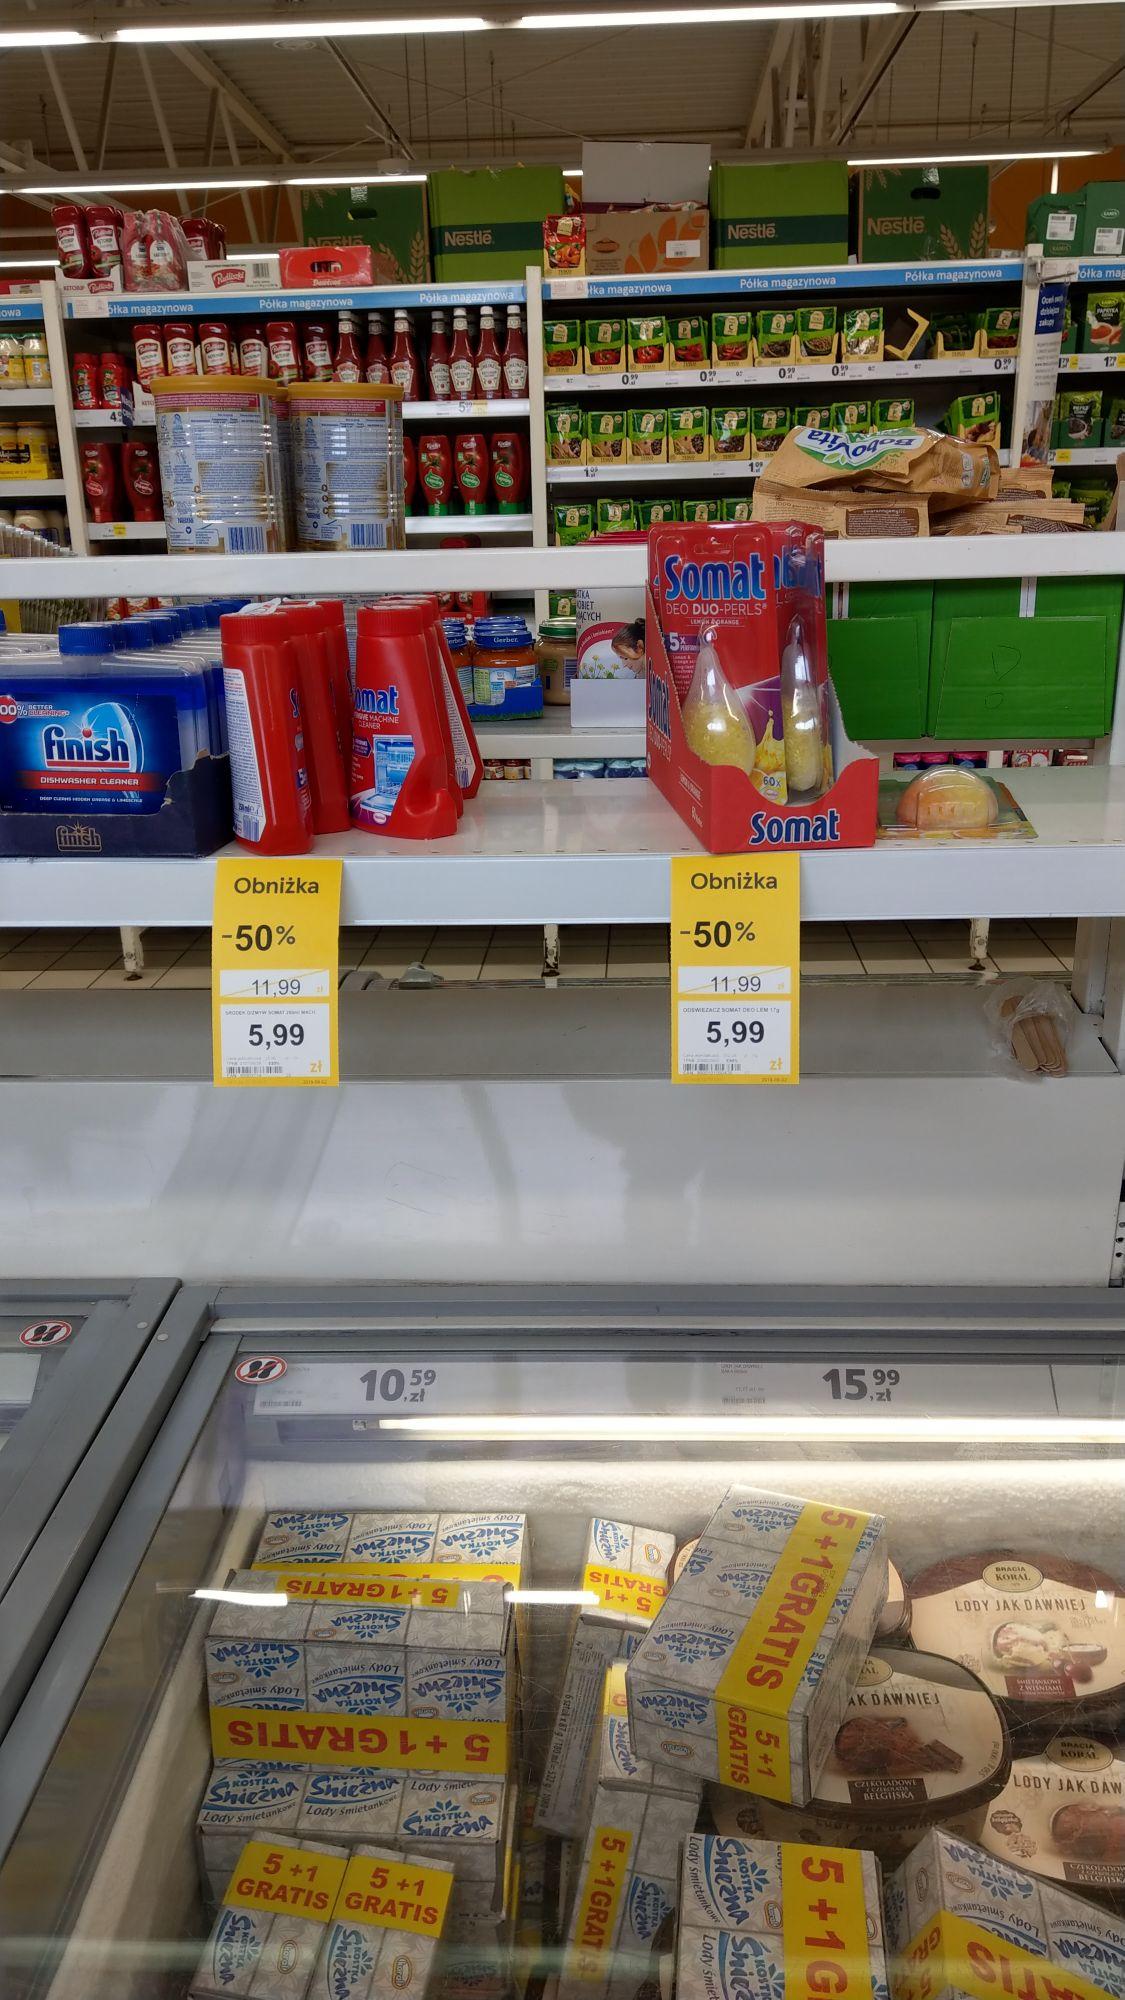 Somat środki do czyszczenia zmywarki oraz zapach - supermarket Tesco Rybnik ale promocja raczej ogolnopolska